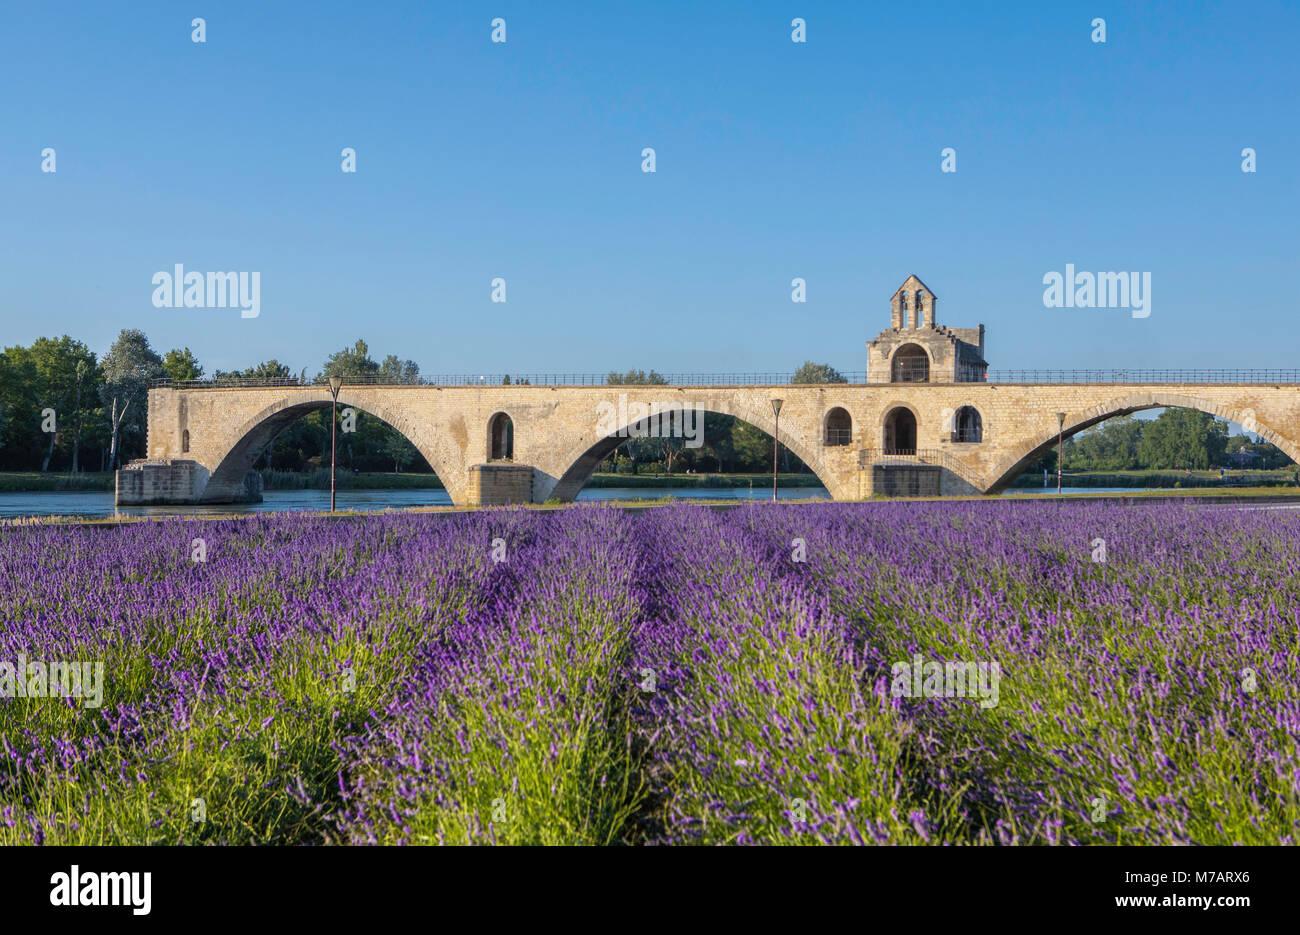 Francia, la región de Provenza, de la ciudad de Aviñón, San Benezet Bridge, W.H., campo de lavanda Imagen De Stock